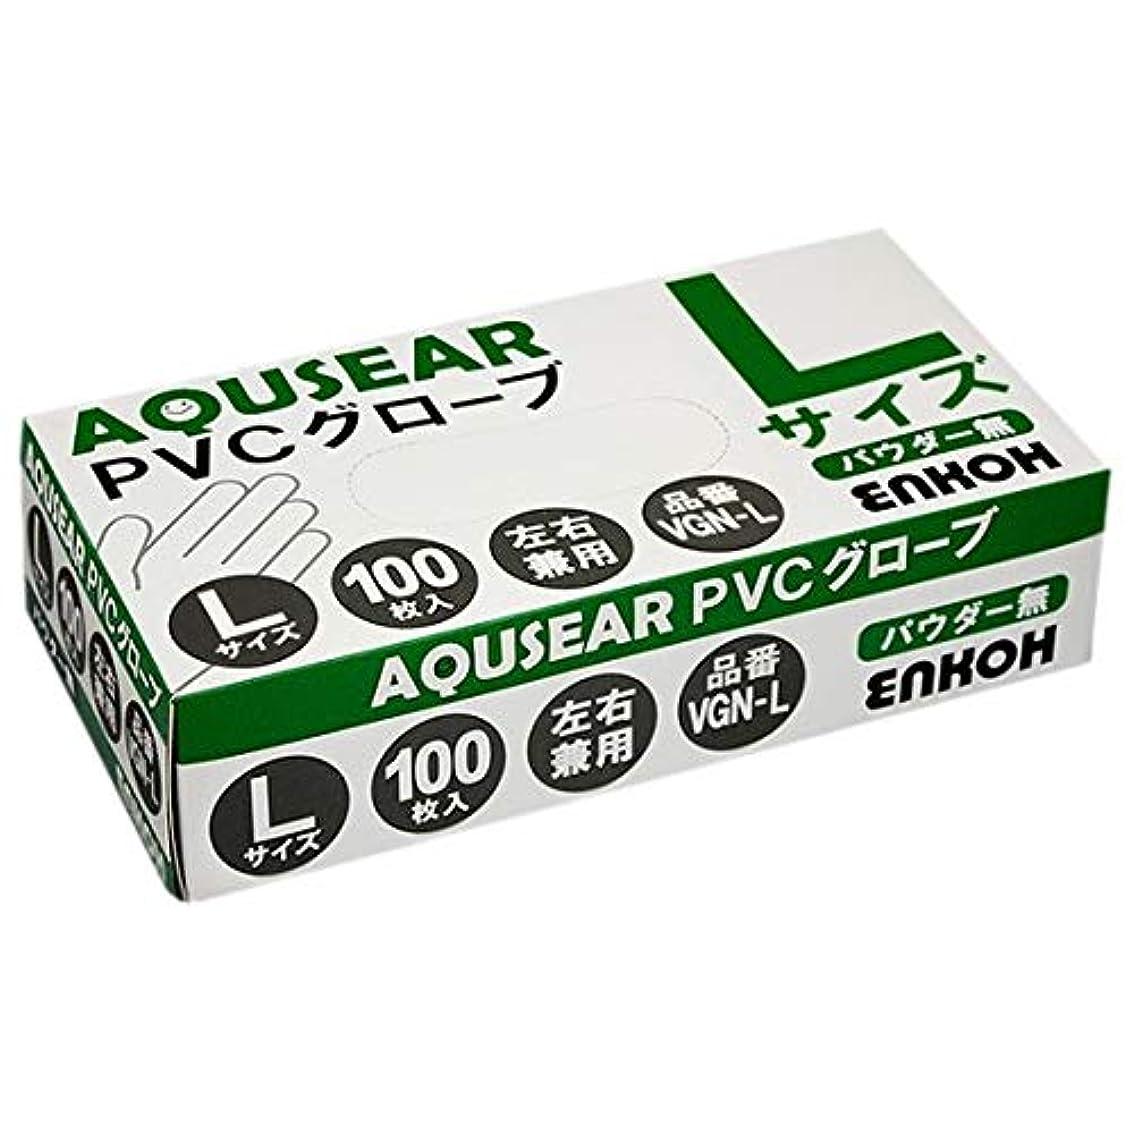 代替荒廃する代替AQUSEAR PVC プラスチックグローブ Lサイズ パウダー無 VGN-L 100枚×20箱